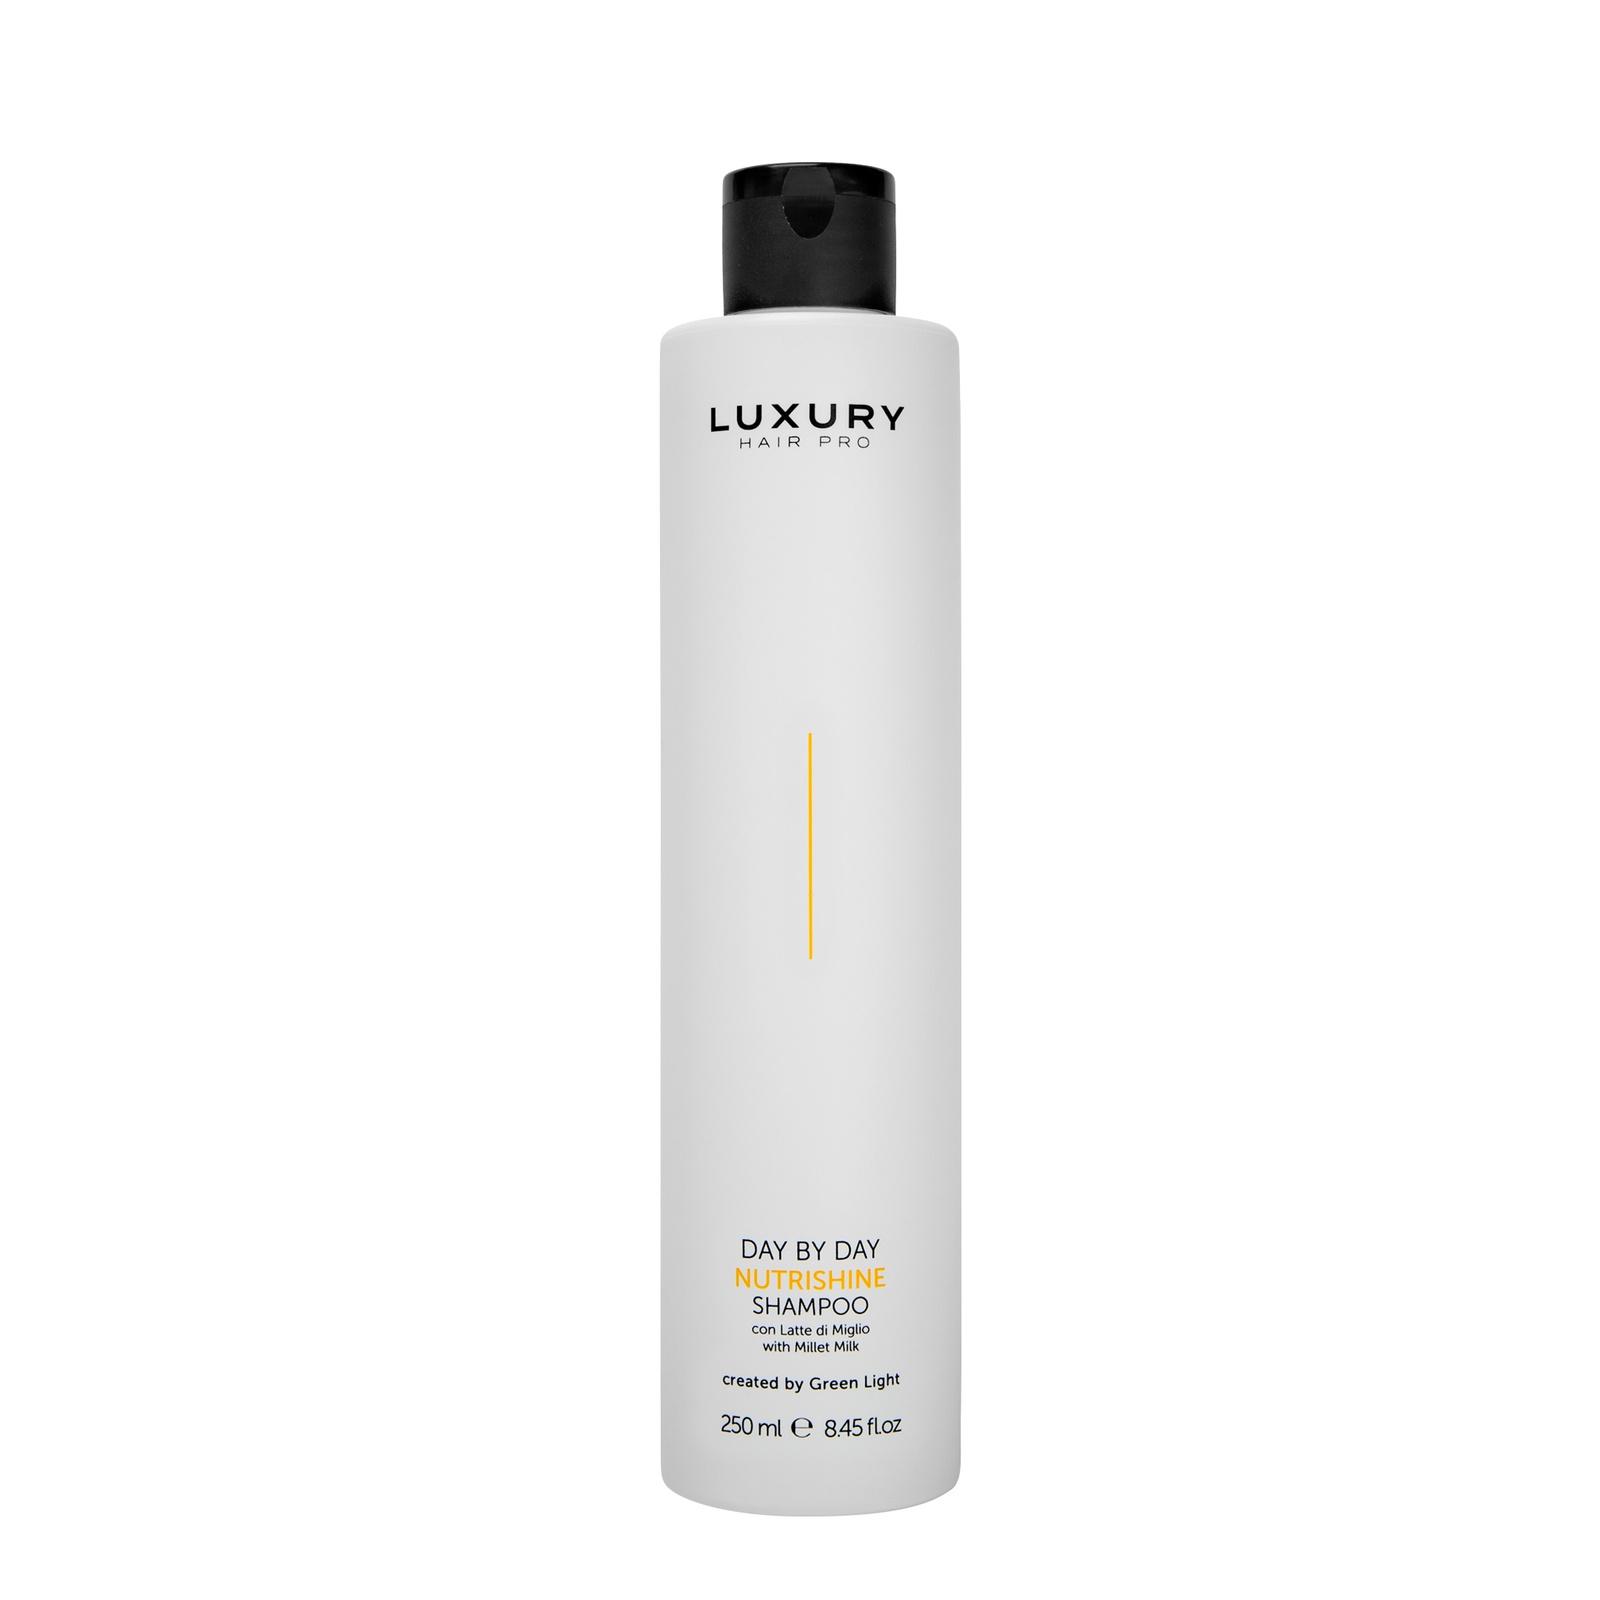 Шампунь для волос Green Light - Day By Day Питание и Блеск, 250мл